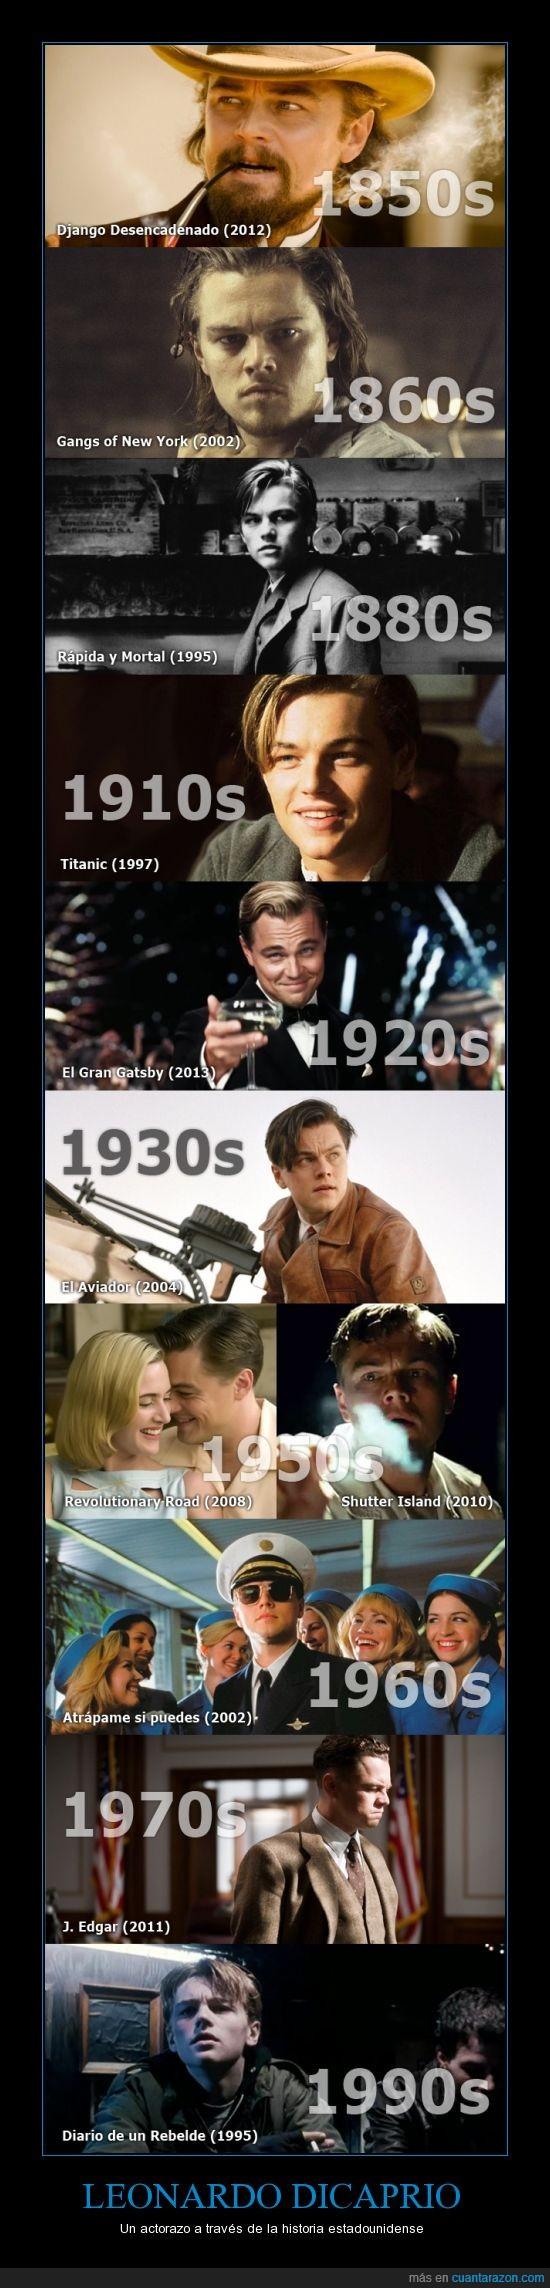 actor,años,cine,dicaprio,eeuu,estados unidos,historia,leonardo dicaprio,películas